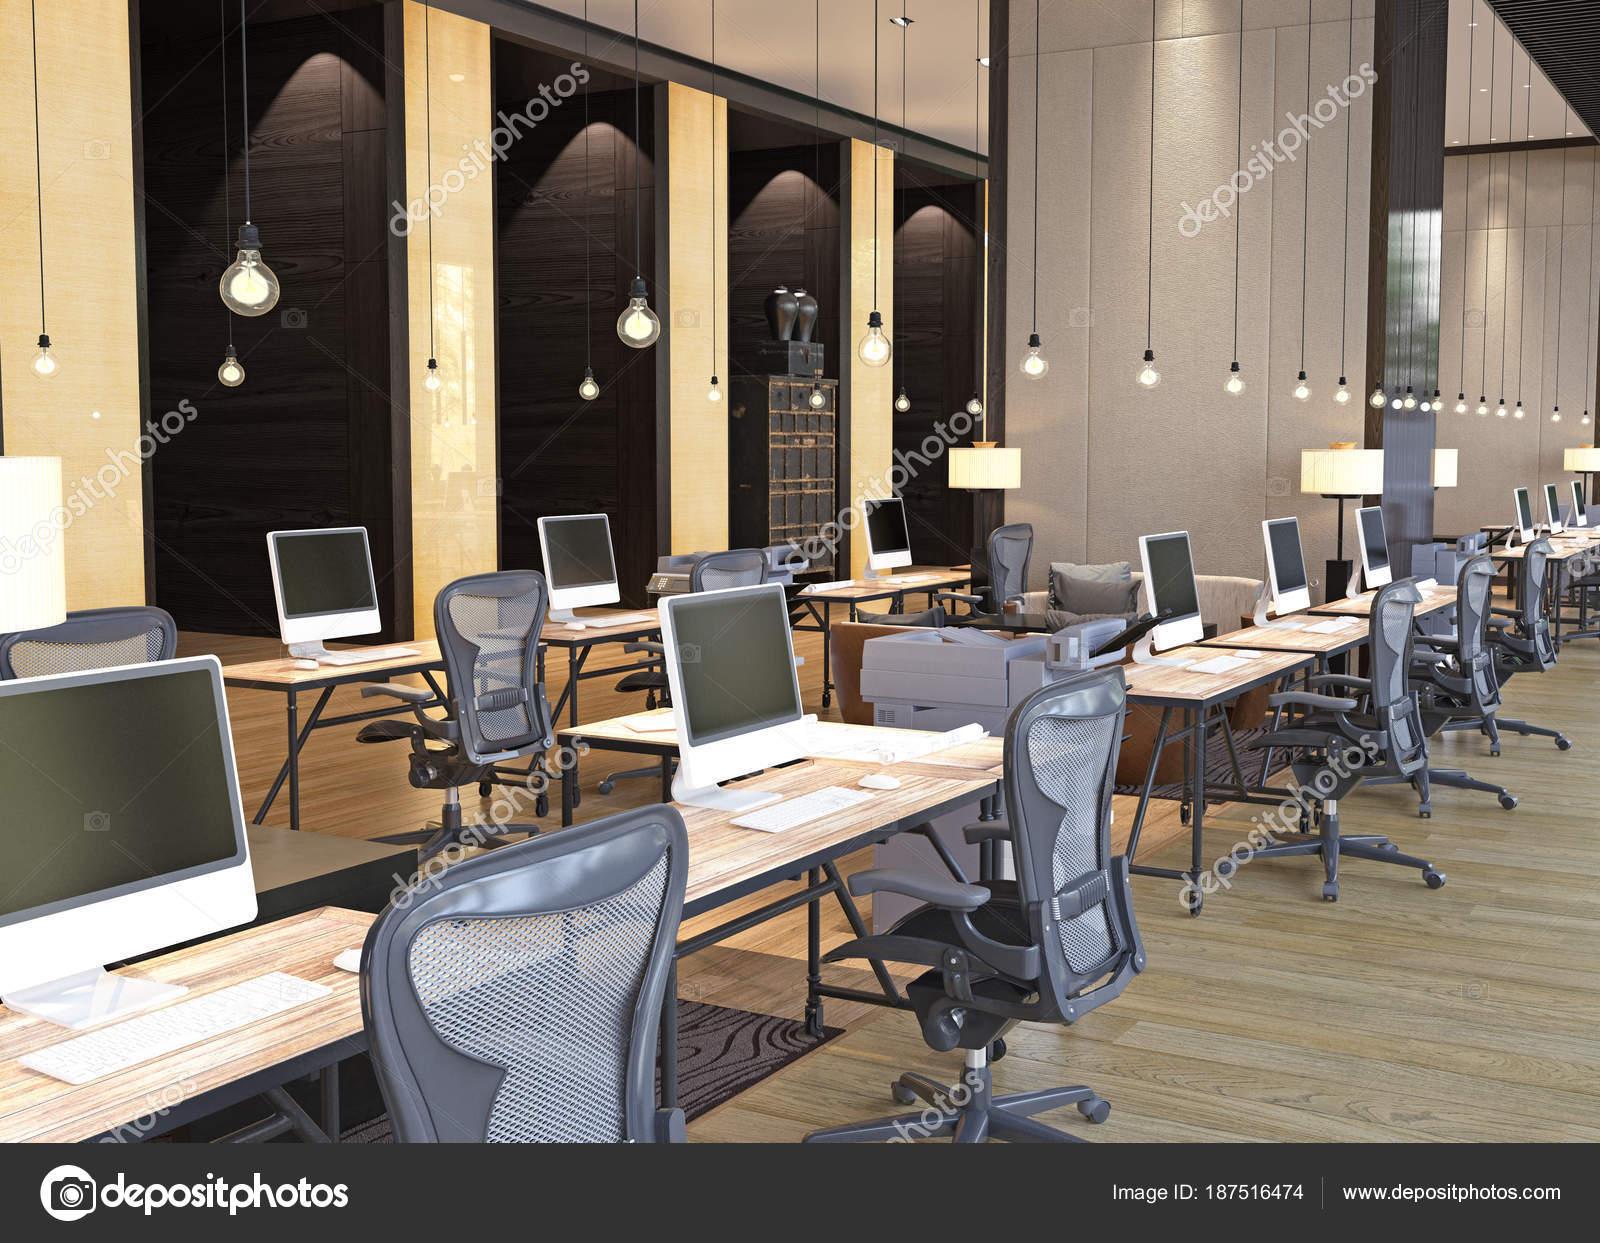 Ufficio Moderno Foto : Interno di ufficio moderno u foto stock vicnt